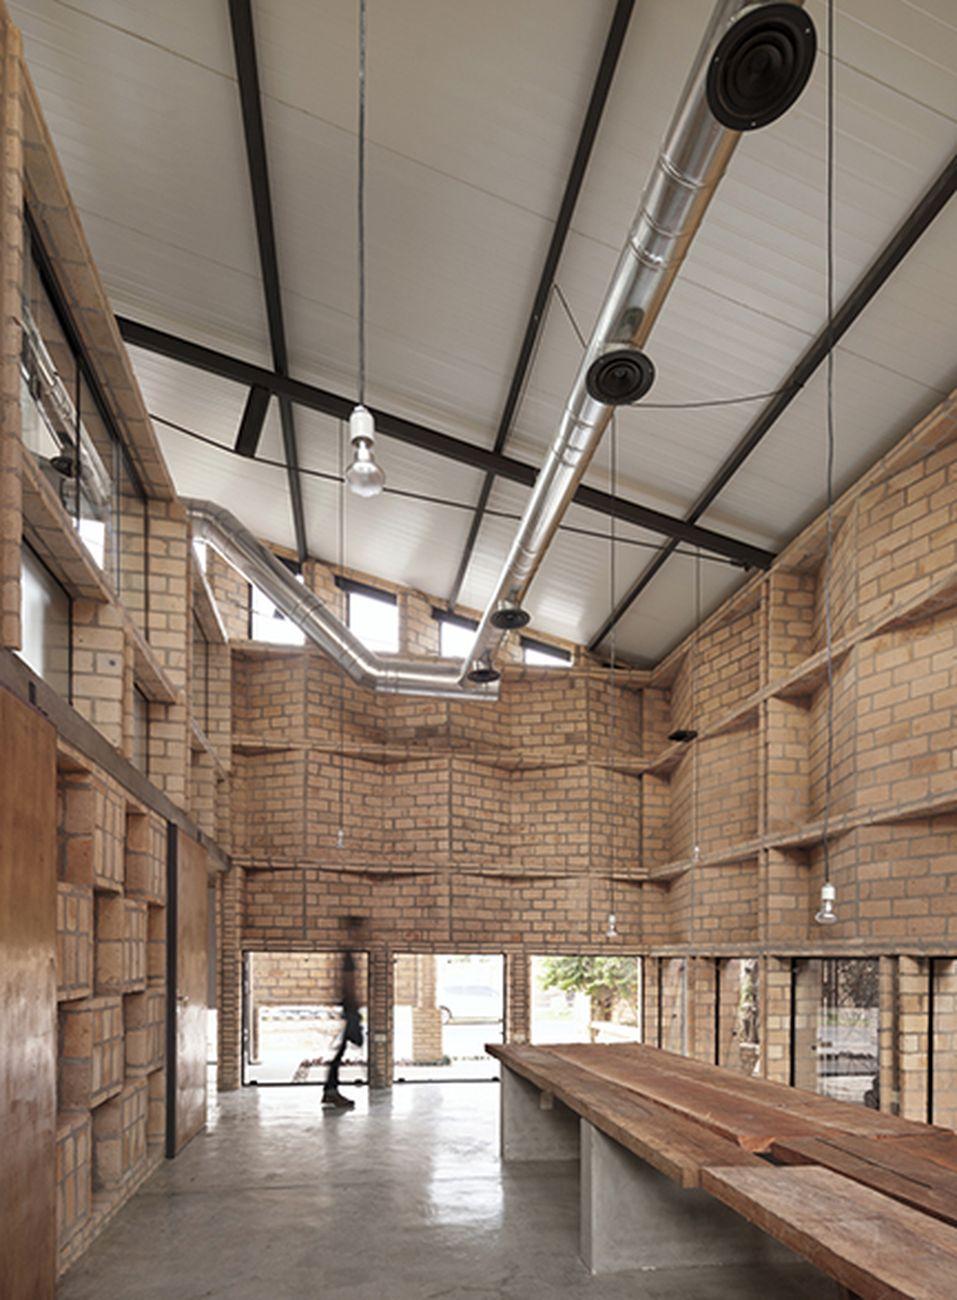 Mínimo Común Arquitectura, Oficinas Nordeste, Mariano Roque Alonso, Paraguay. Photo © Federico Cairoli